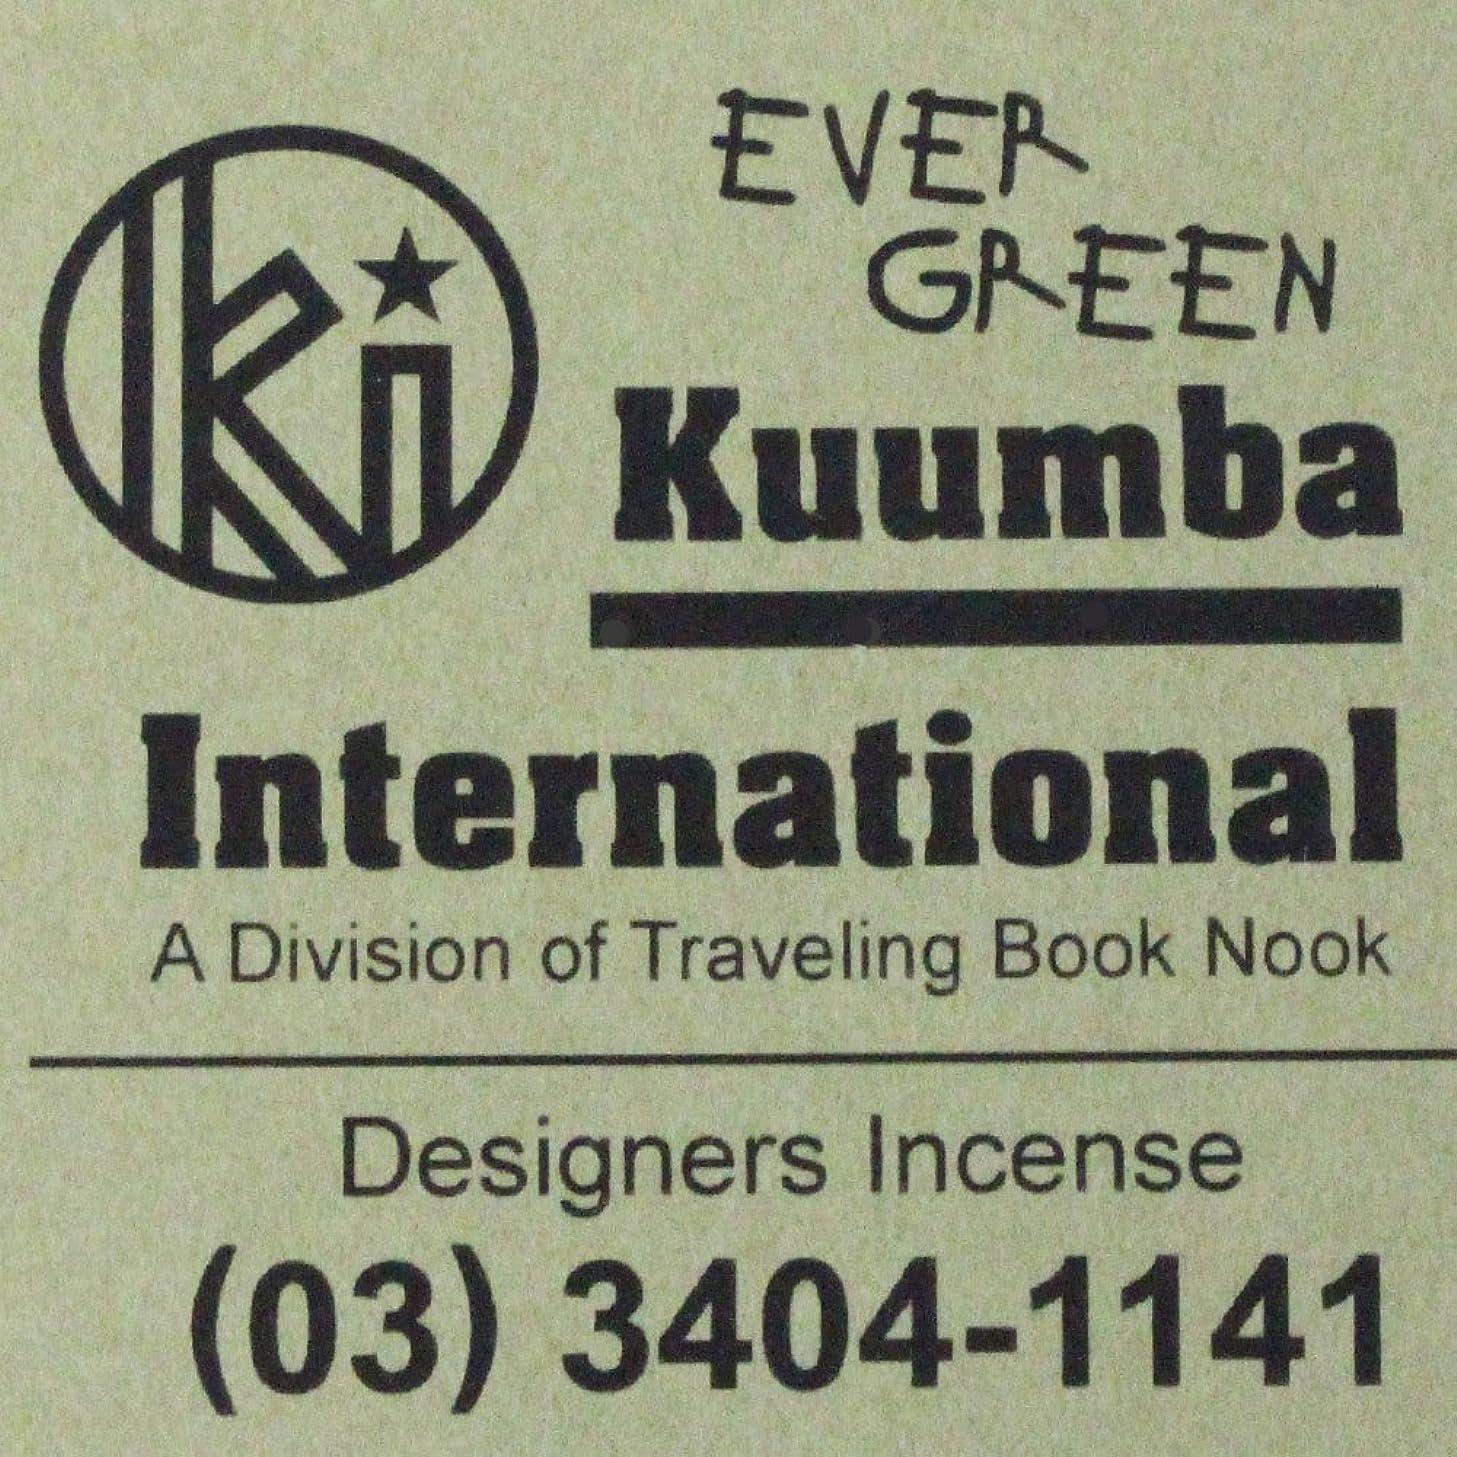 補正雪解体する(クンバ) KUUMBA『incense』(EVER GREEN) (Regular size)